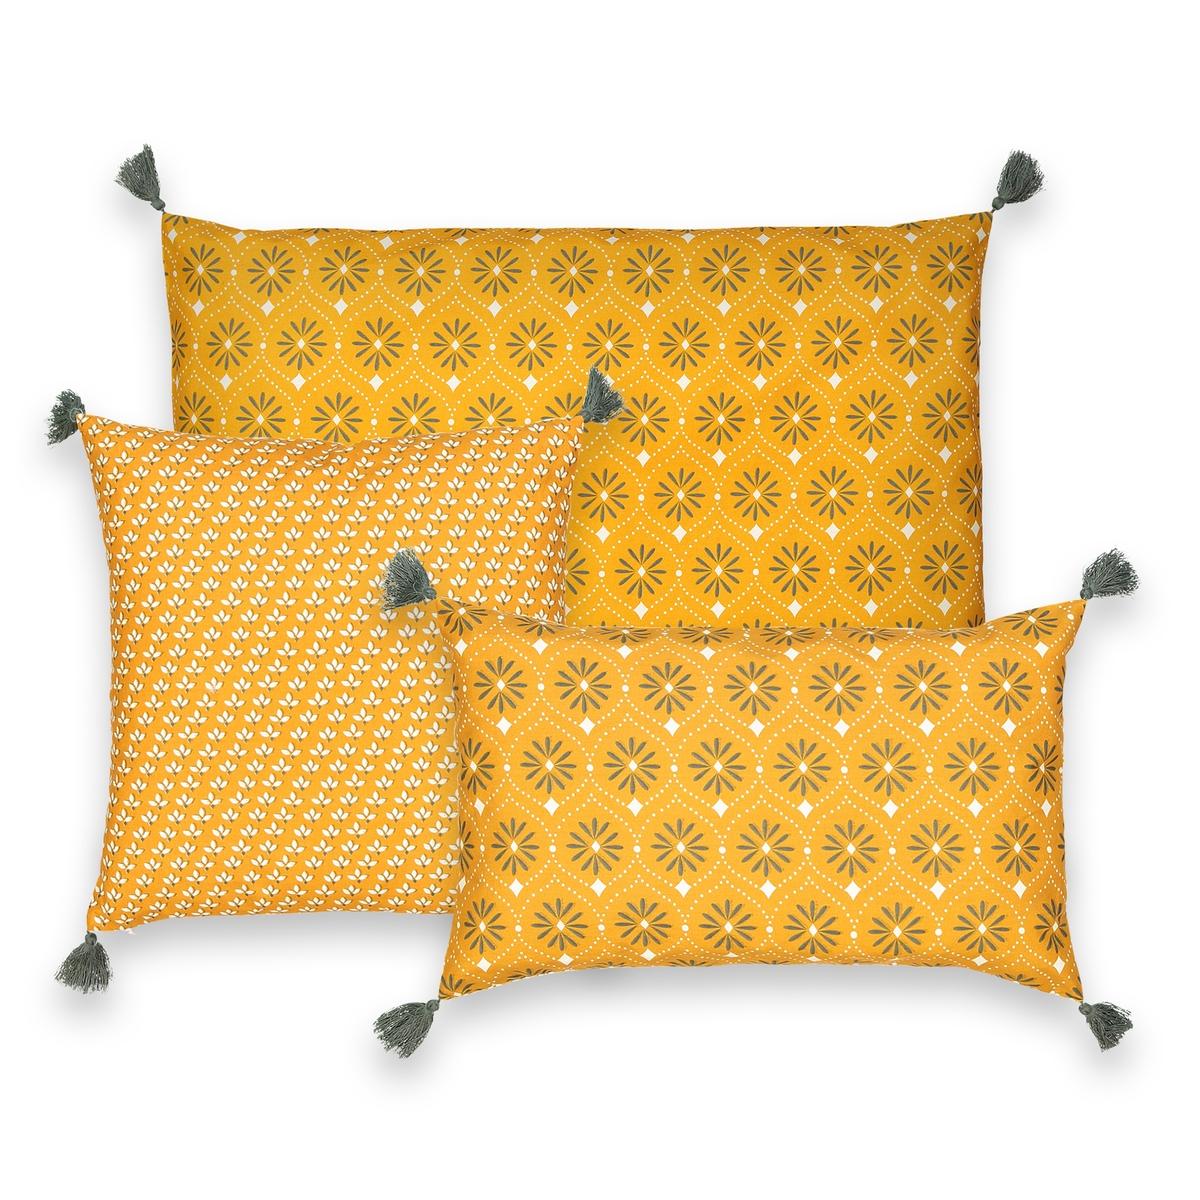 Чехол La Redoute На подушку LONIE 40 x 40 см бежевый наволочка la redoute из хлопка aliki 50 x 50 см бежевый